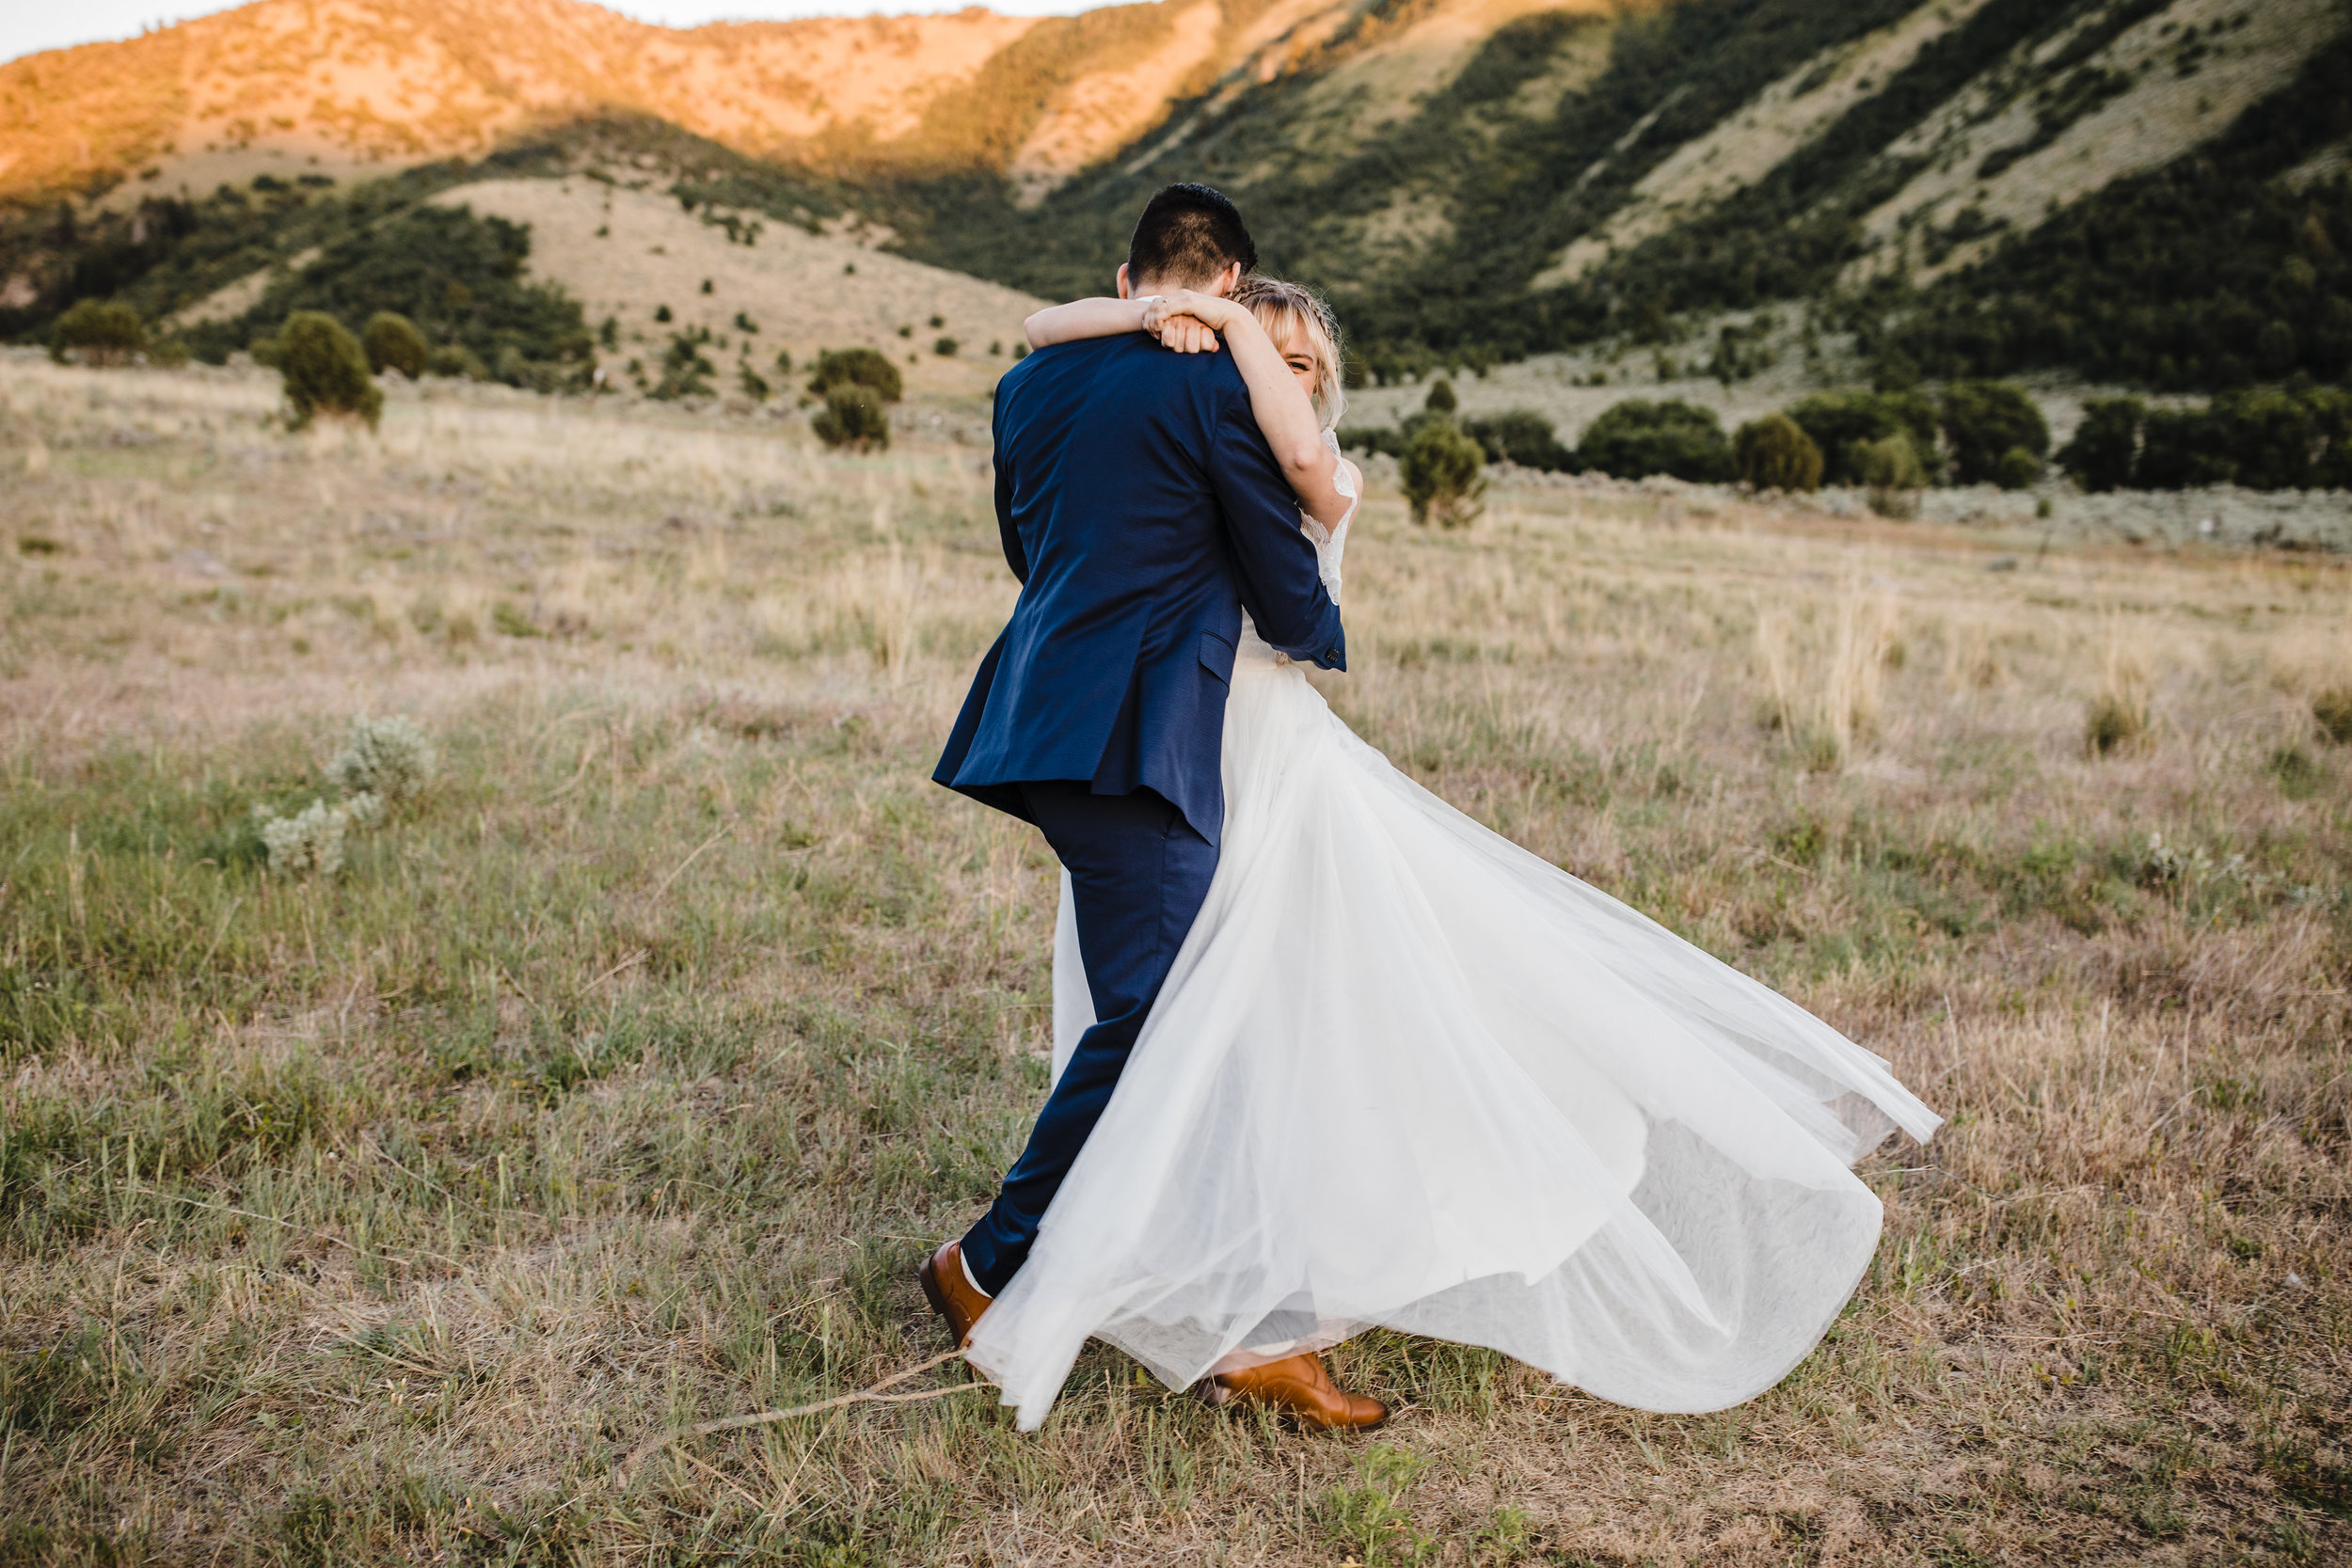 logan utah wedding photographer spinning laughing dancing mountain formals